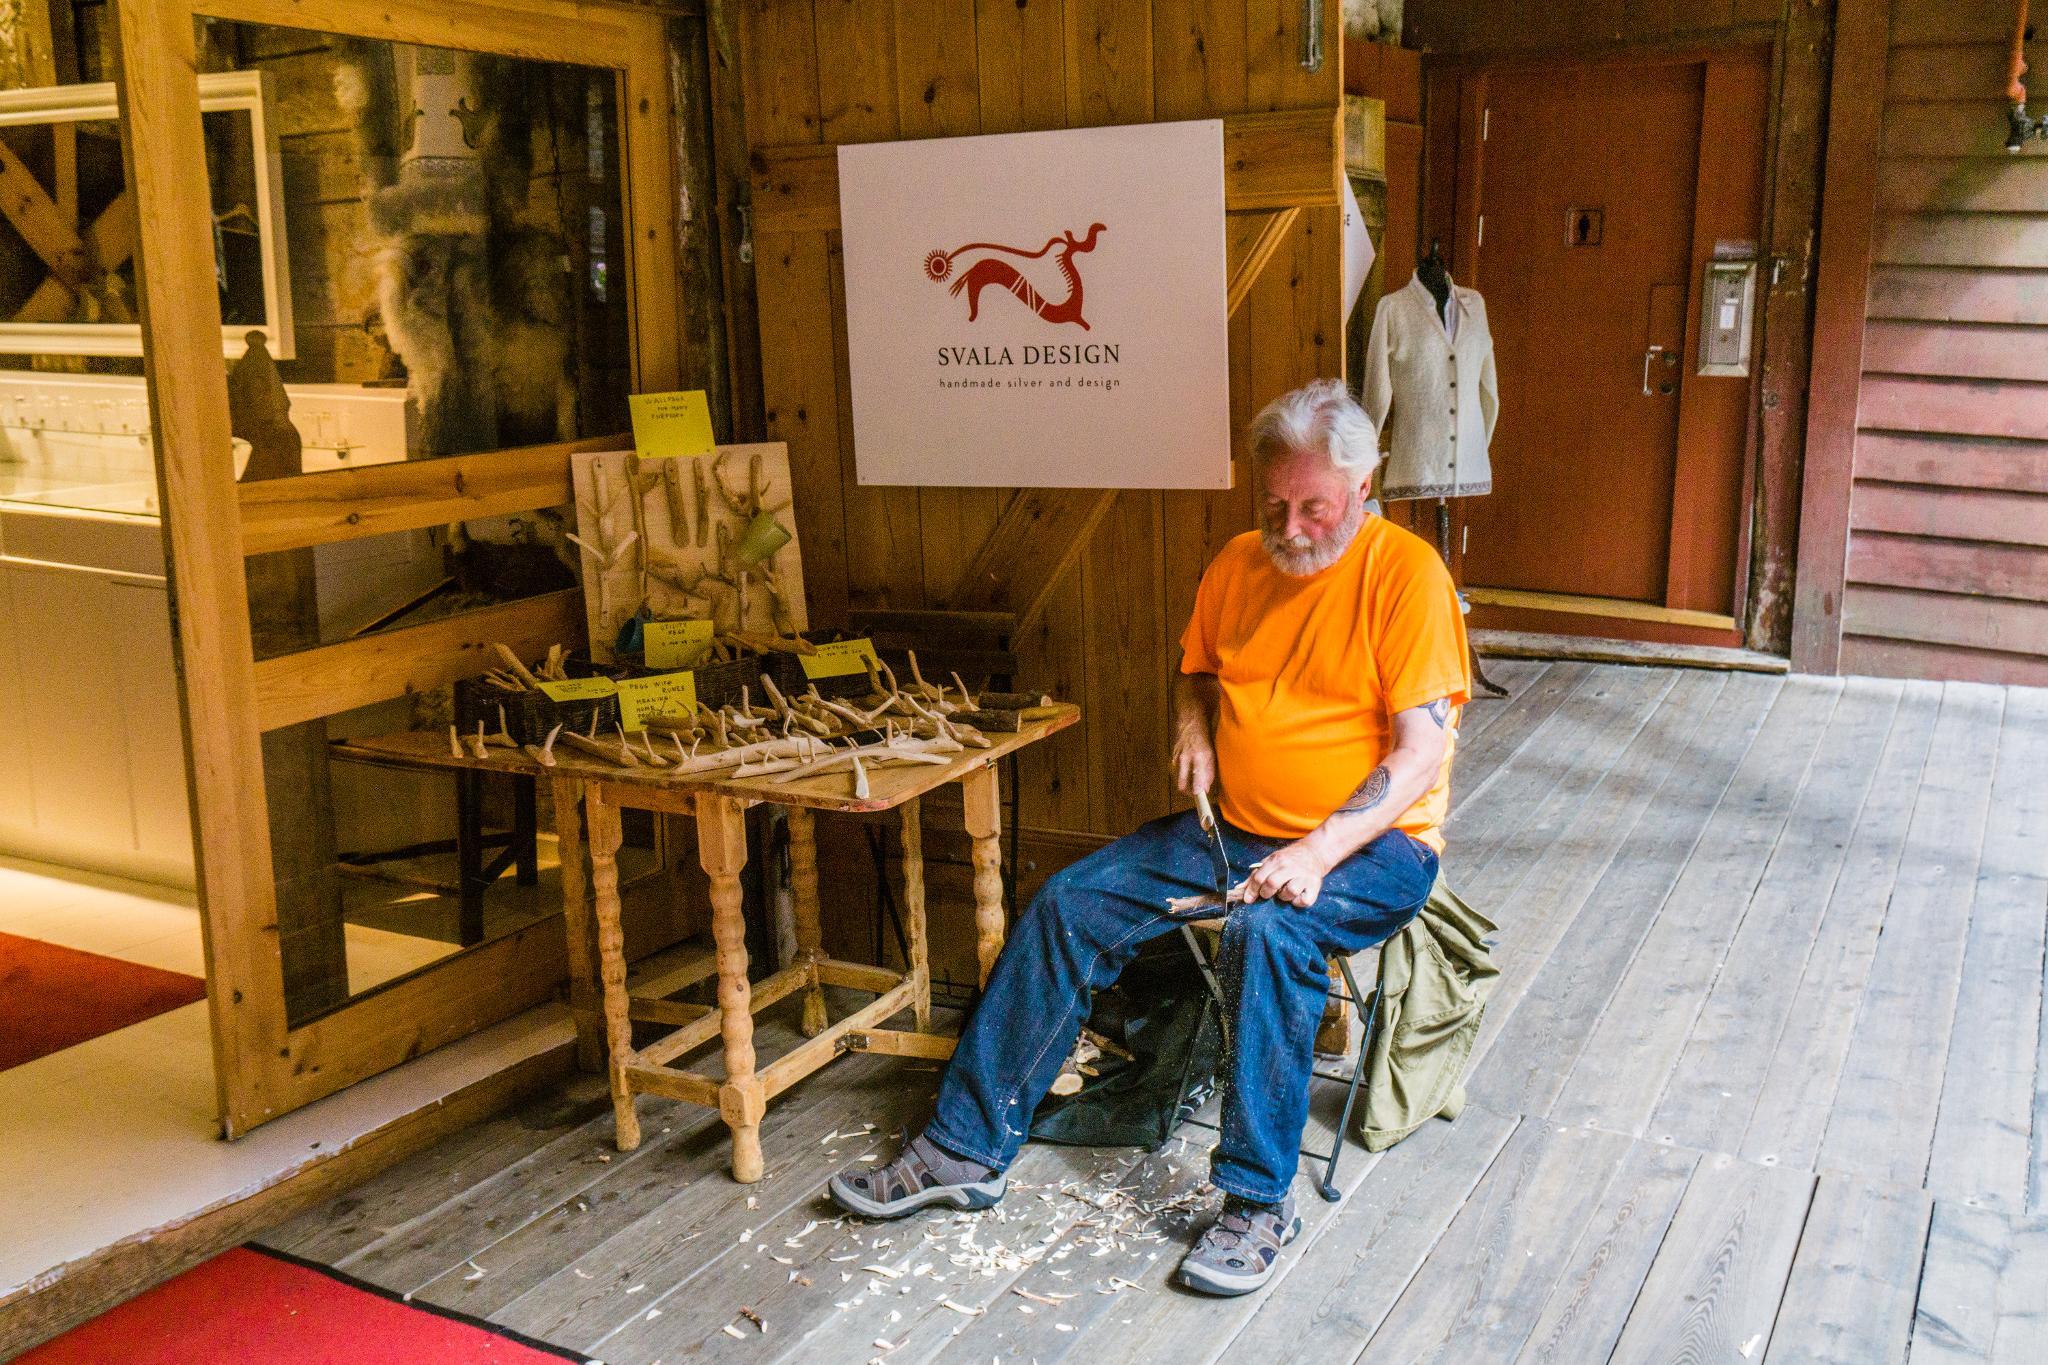 【卑爾根】Bryggen 世界遺產布呂根 — 迷失在百年歷史的挪威彩色木屋 28